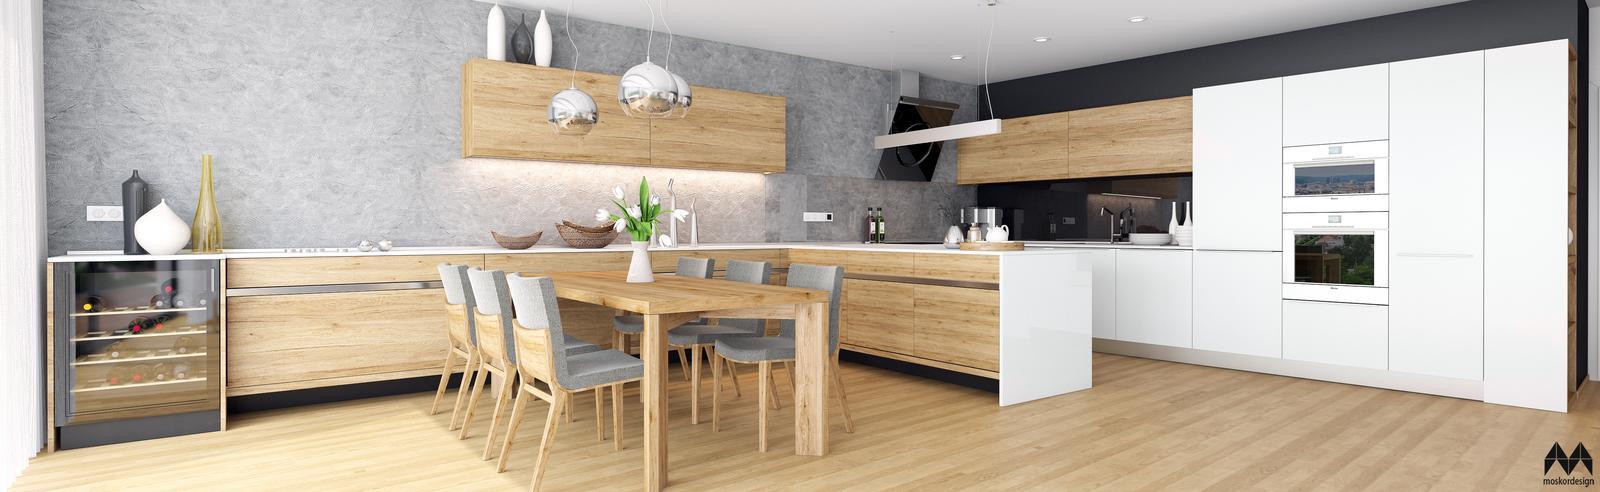 Byt Panorama - obývací pokoj s kuchyní s jídelní částí